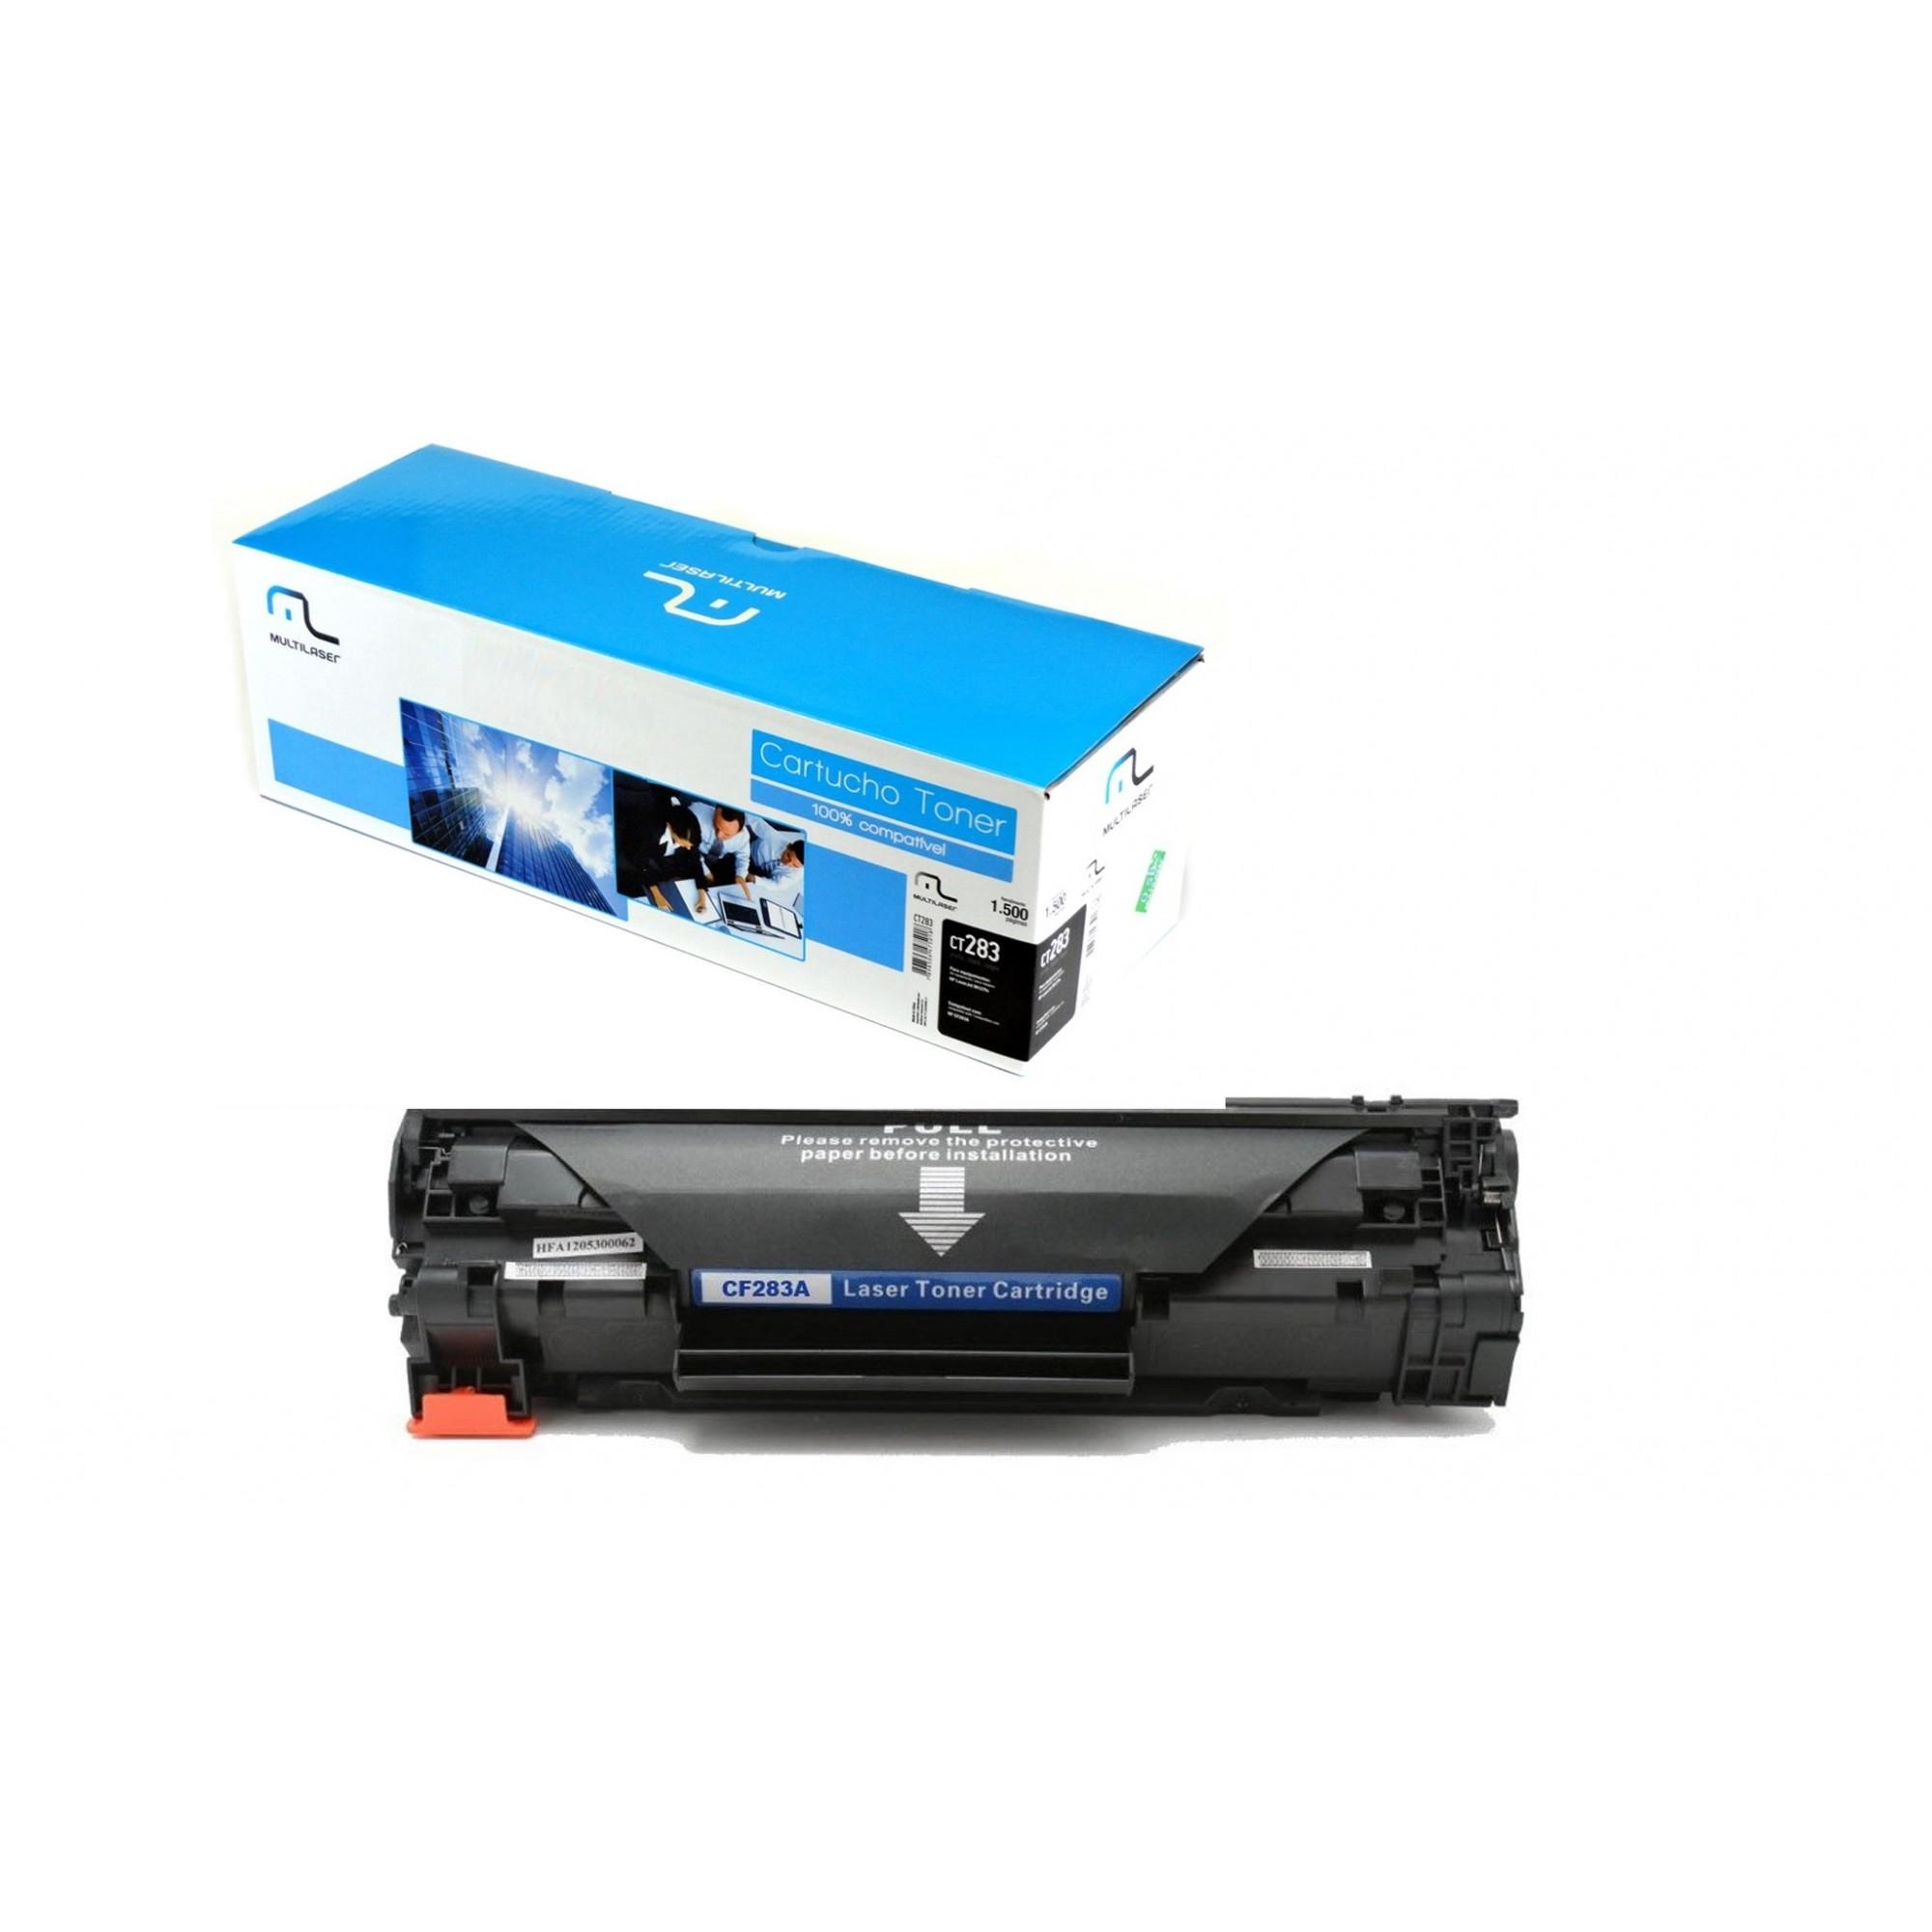 Toner Multilaser para HP, Preto - CT283